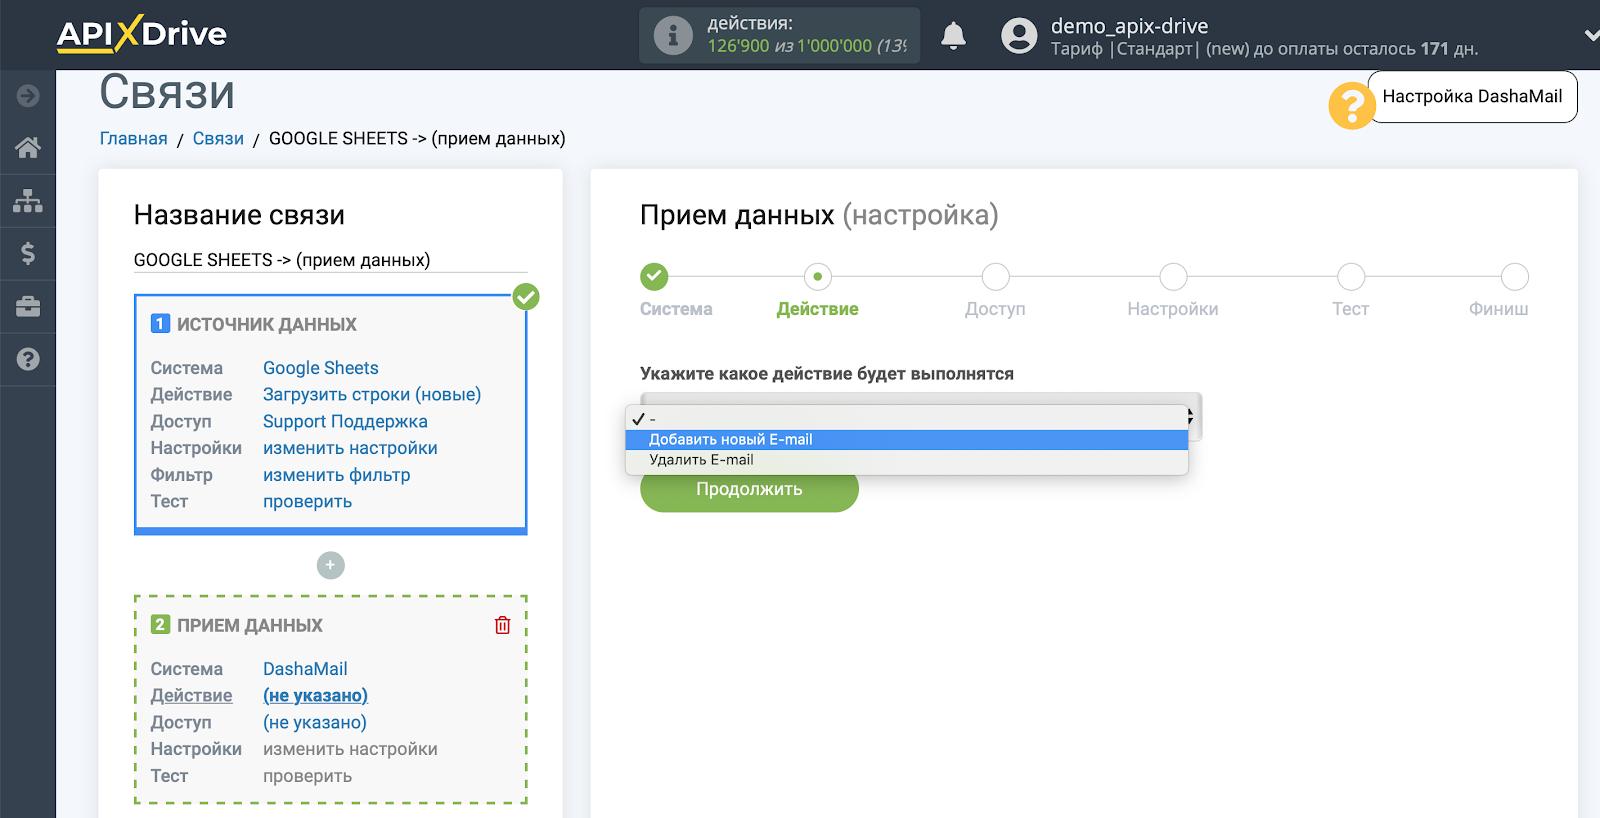 Настройка Приема данных в DashaMail | Выбор действия